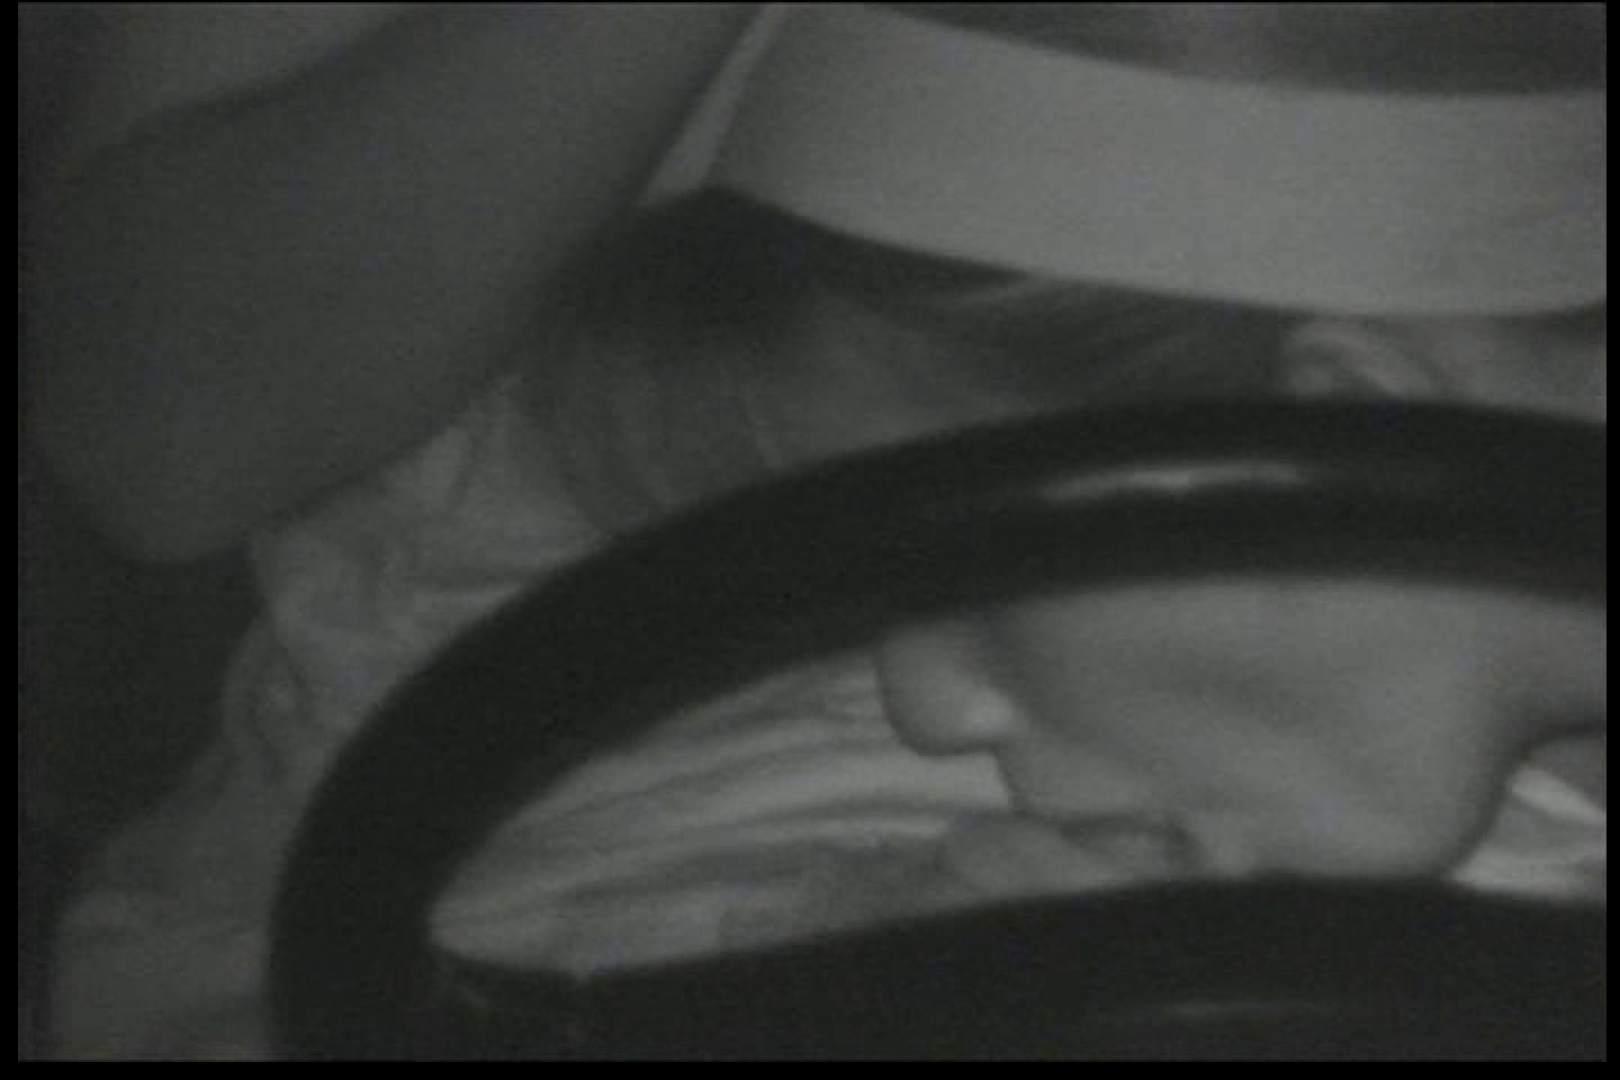 車の中はラブホテル 無修正版  Vol.12 エッチなセックス 盗撮動画紹介 93画像 75